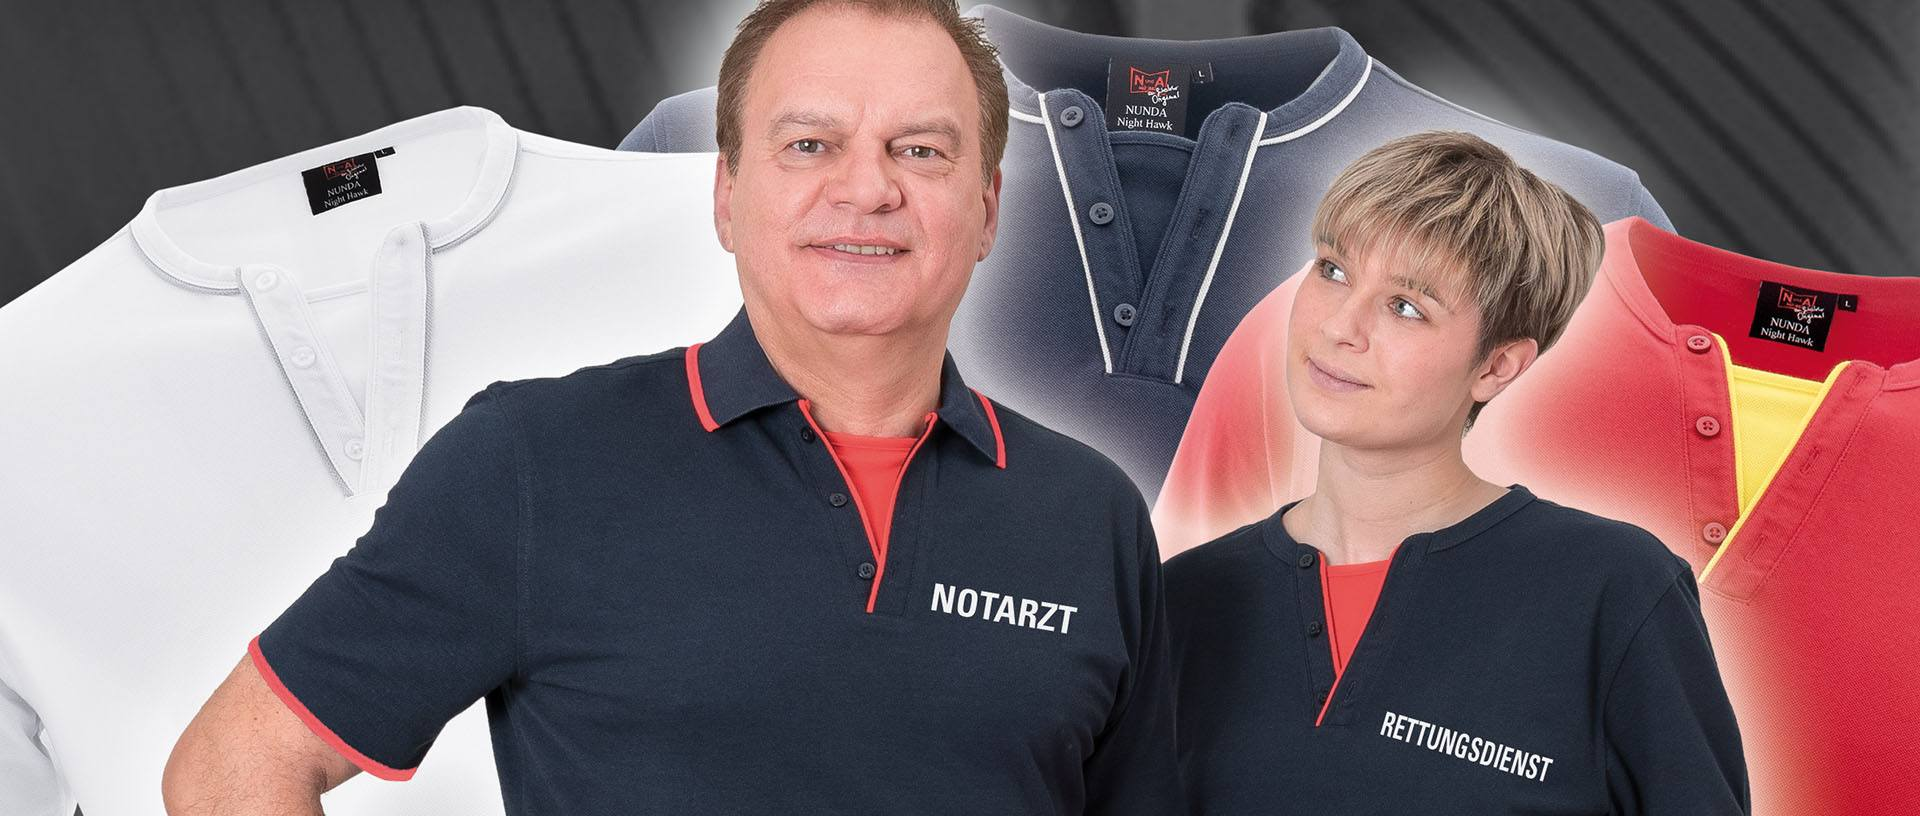 nhp-shirt-niemoeller-und-abel